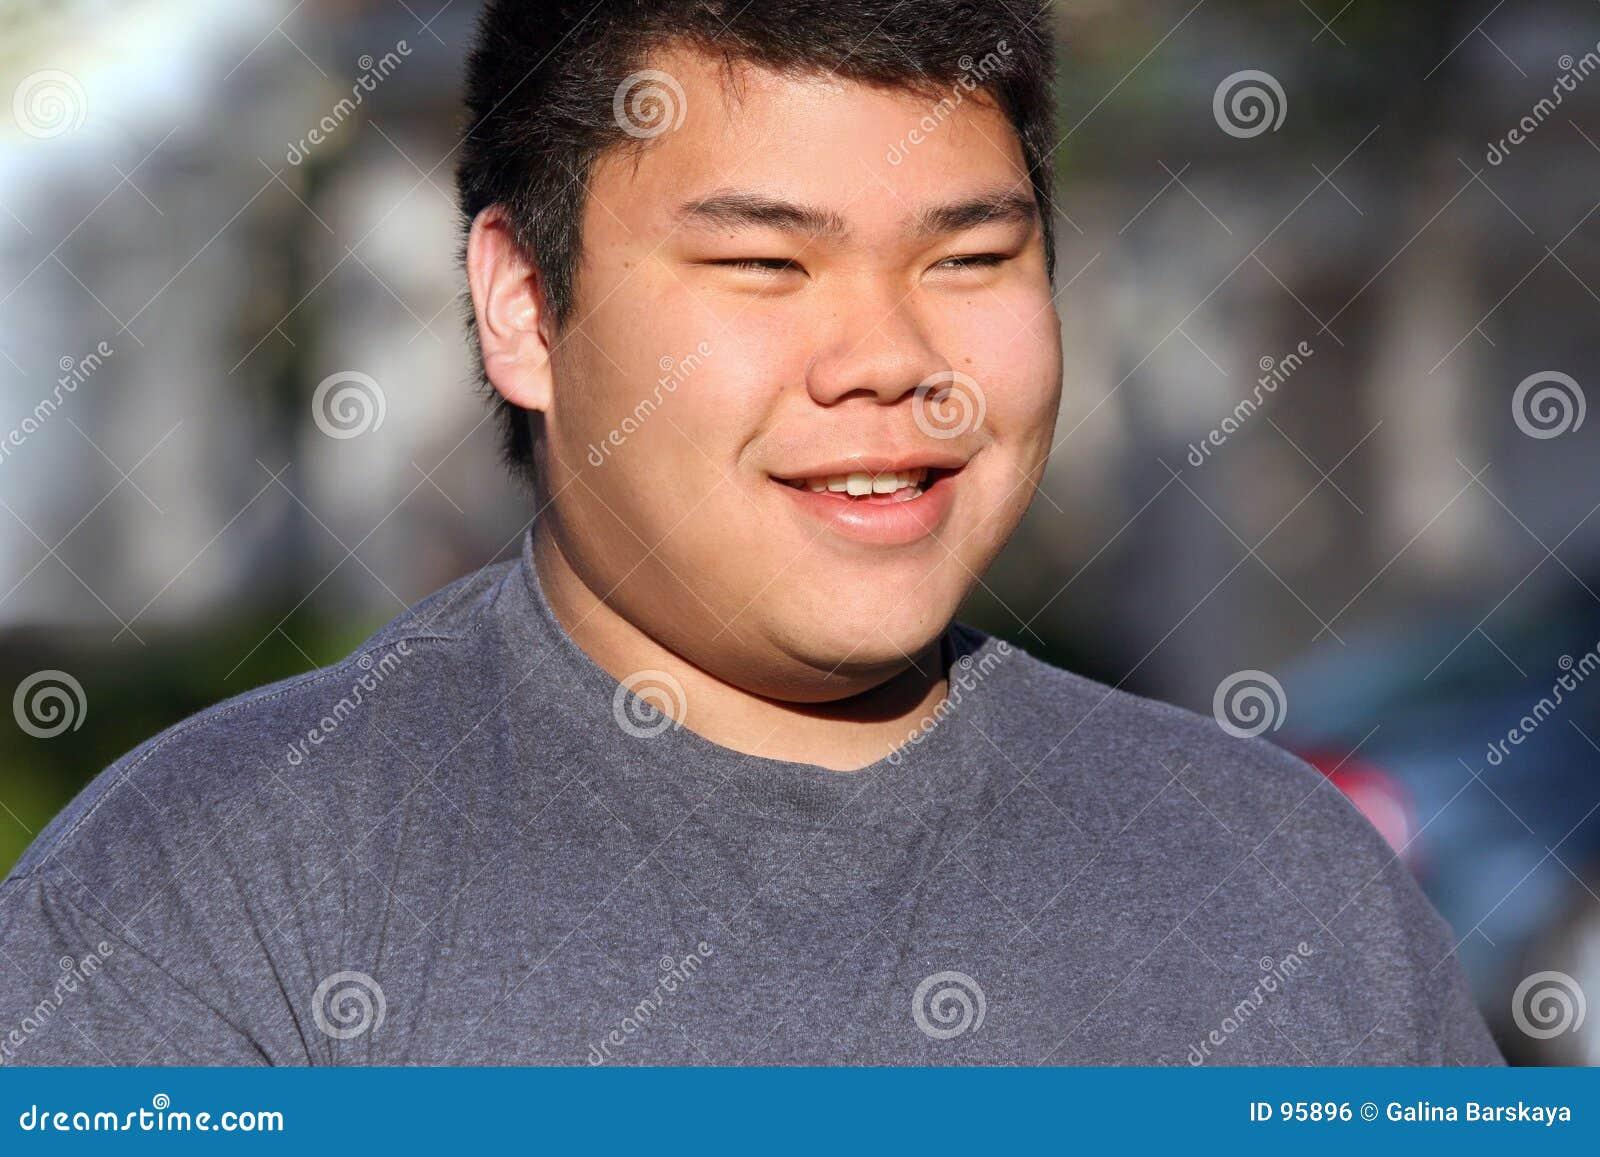 Remarkable, Fat asian teen not